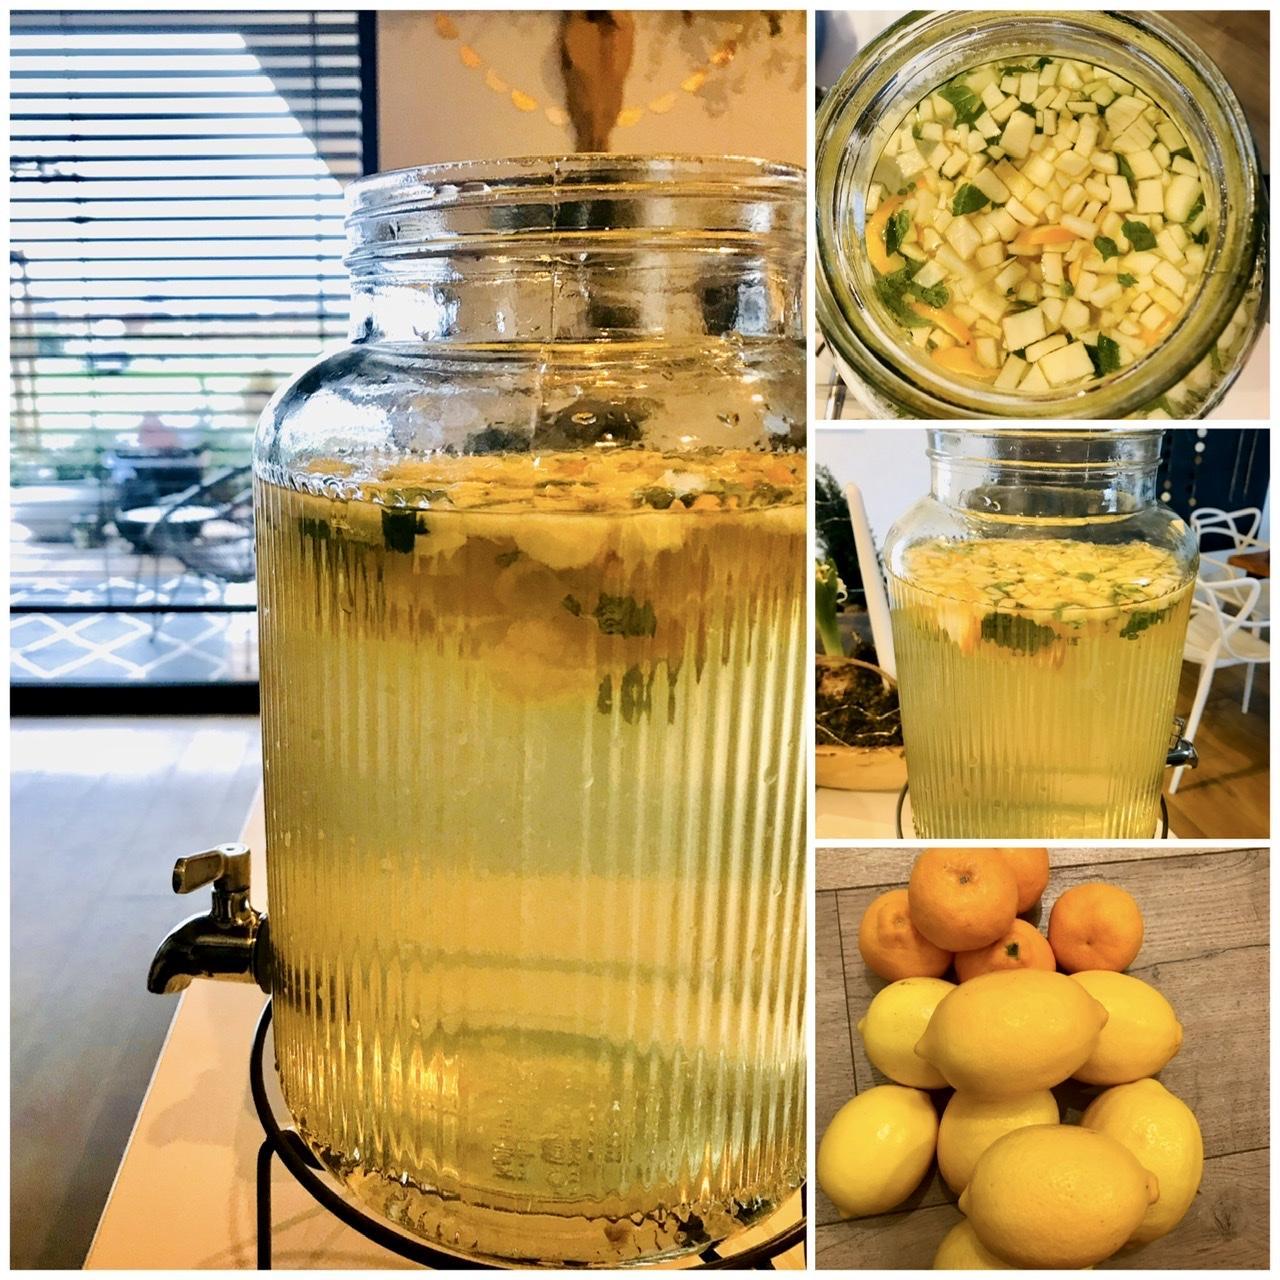 Naše L-ko - 2021 - stále dokončujeme - Jablkovo, citrónová limonáda s matou. Limonáda je z tatinovych  dopestovaných bio citrónov. Ked sa už vidiet nemožme naživo, dostala som voňavý balík s citrónami a mandarinkami z tatinovych skleníkov :)) Stromky majú 30 rokov a su obsypané ovocím.